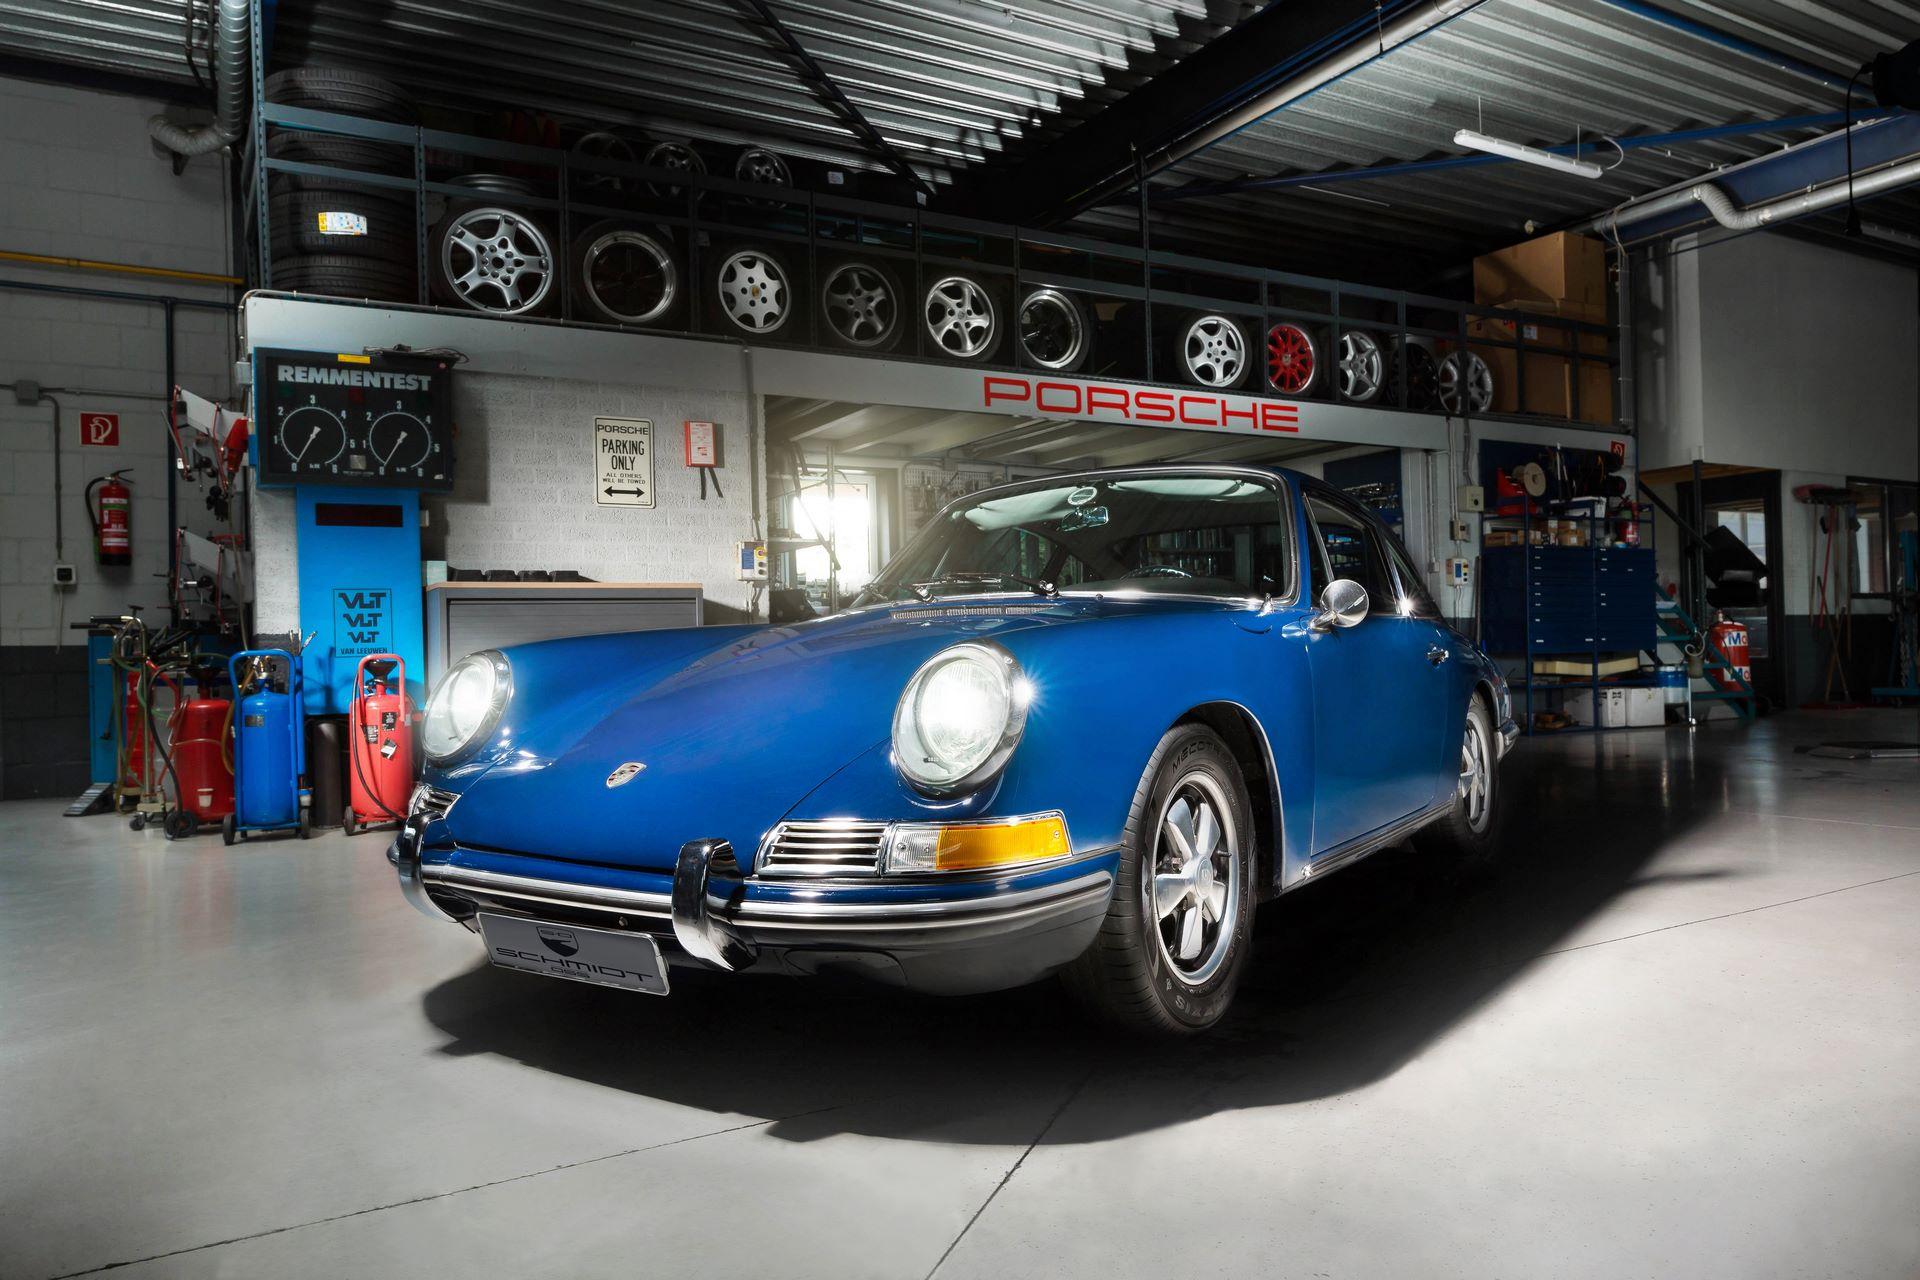 Porsche-912-electric-1